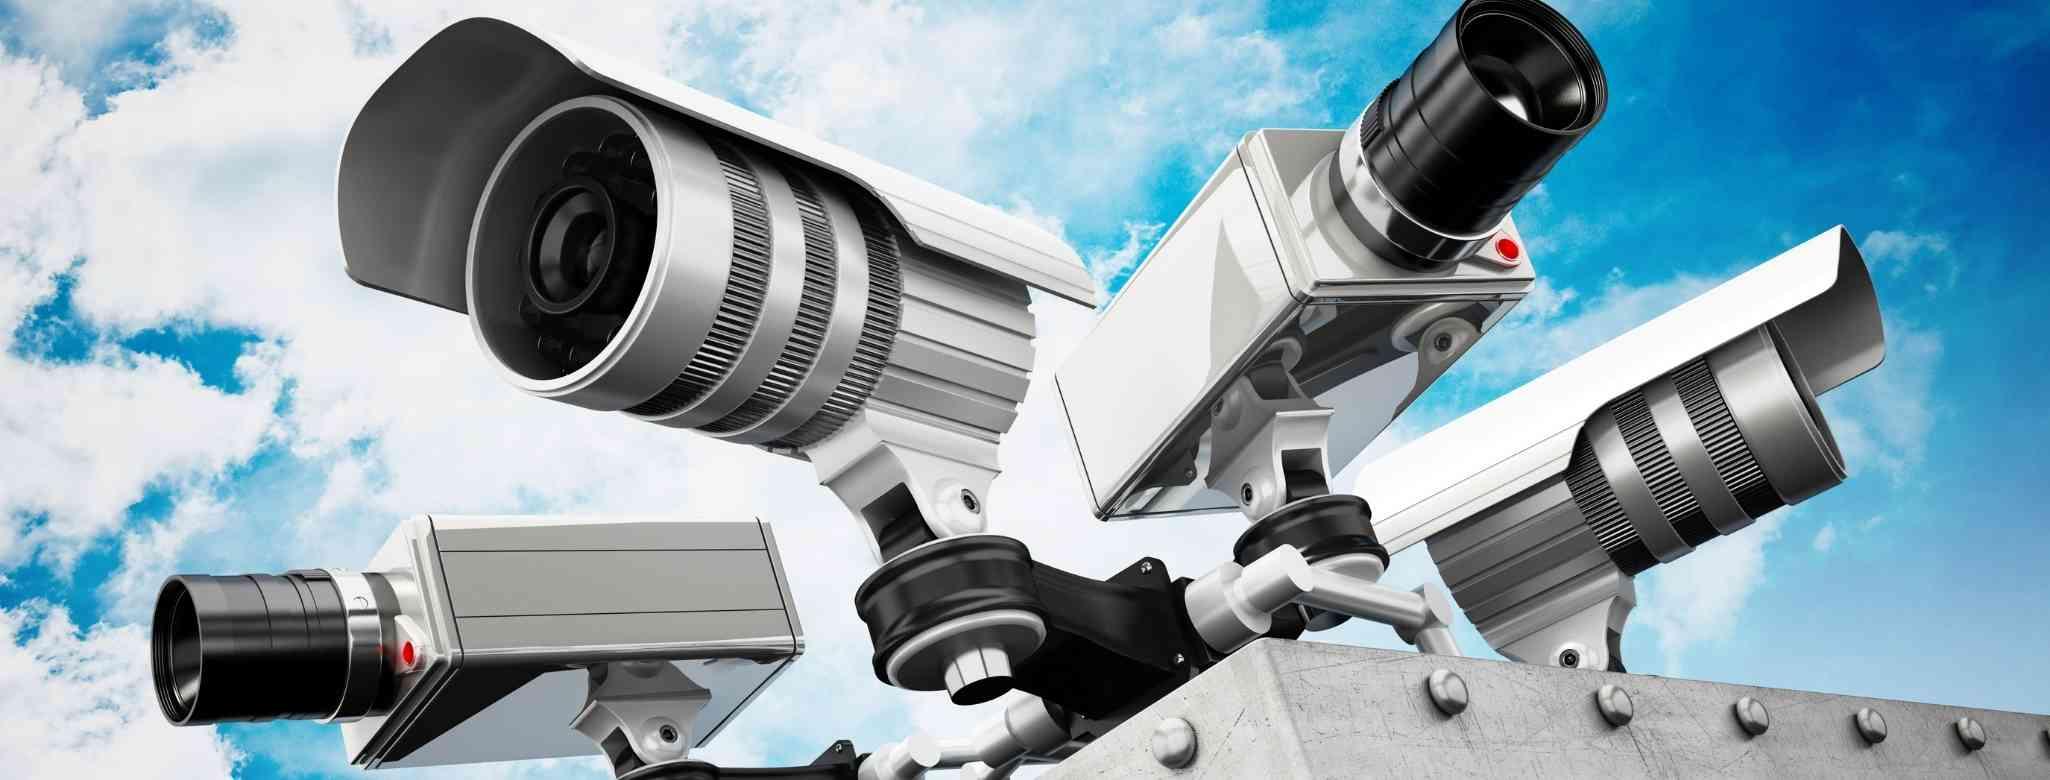 מצלמת אבטחה על בניין